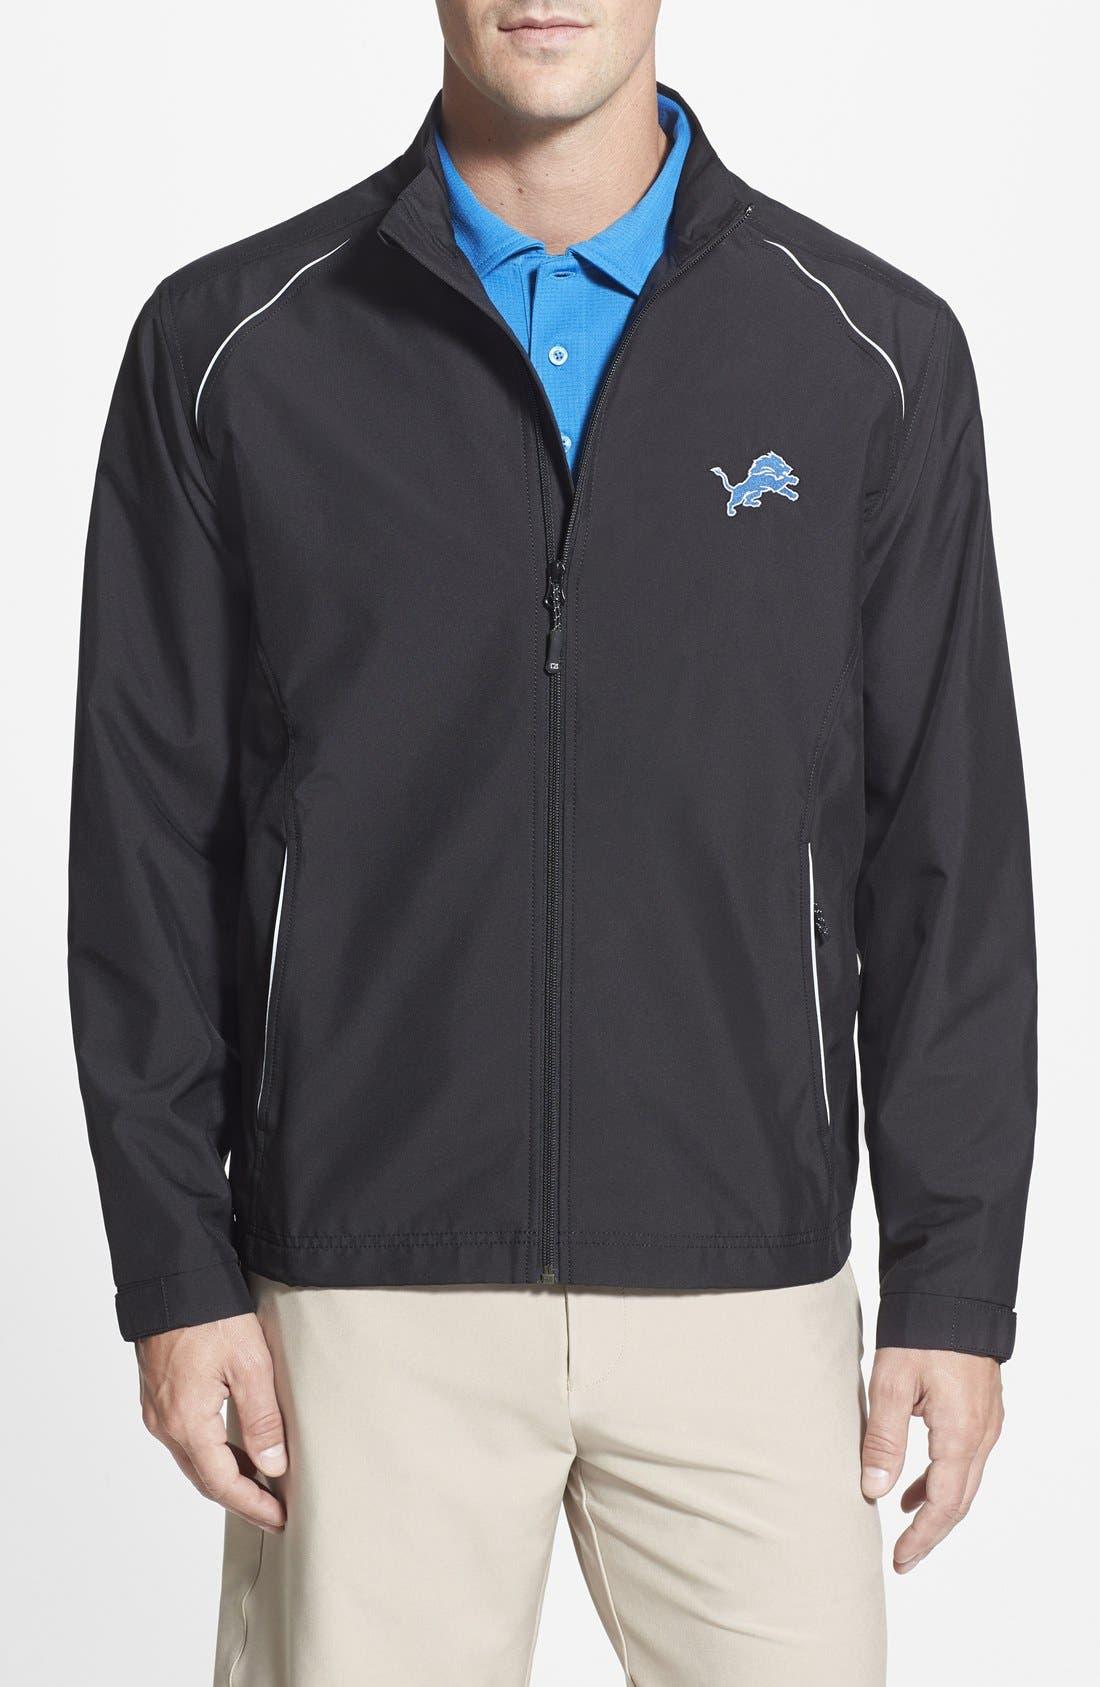 Detroit Lions - Beacon WeatherTec Wind & Water Resistant Jacket,                             Main thumbnail 1, color,                             Black